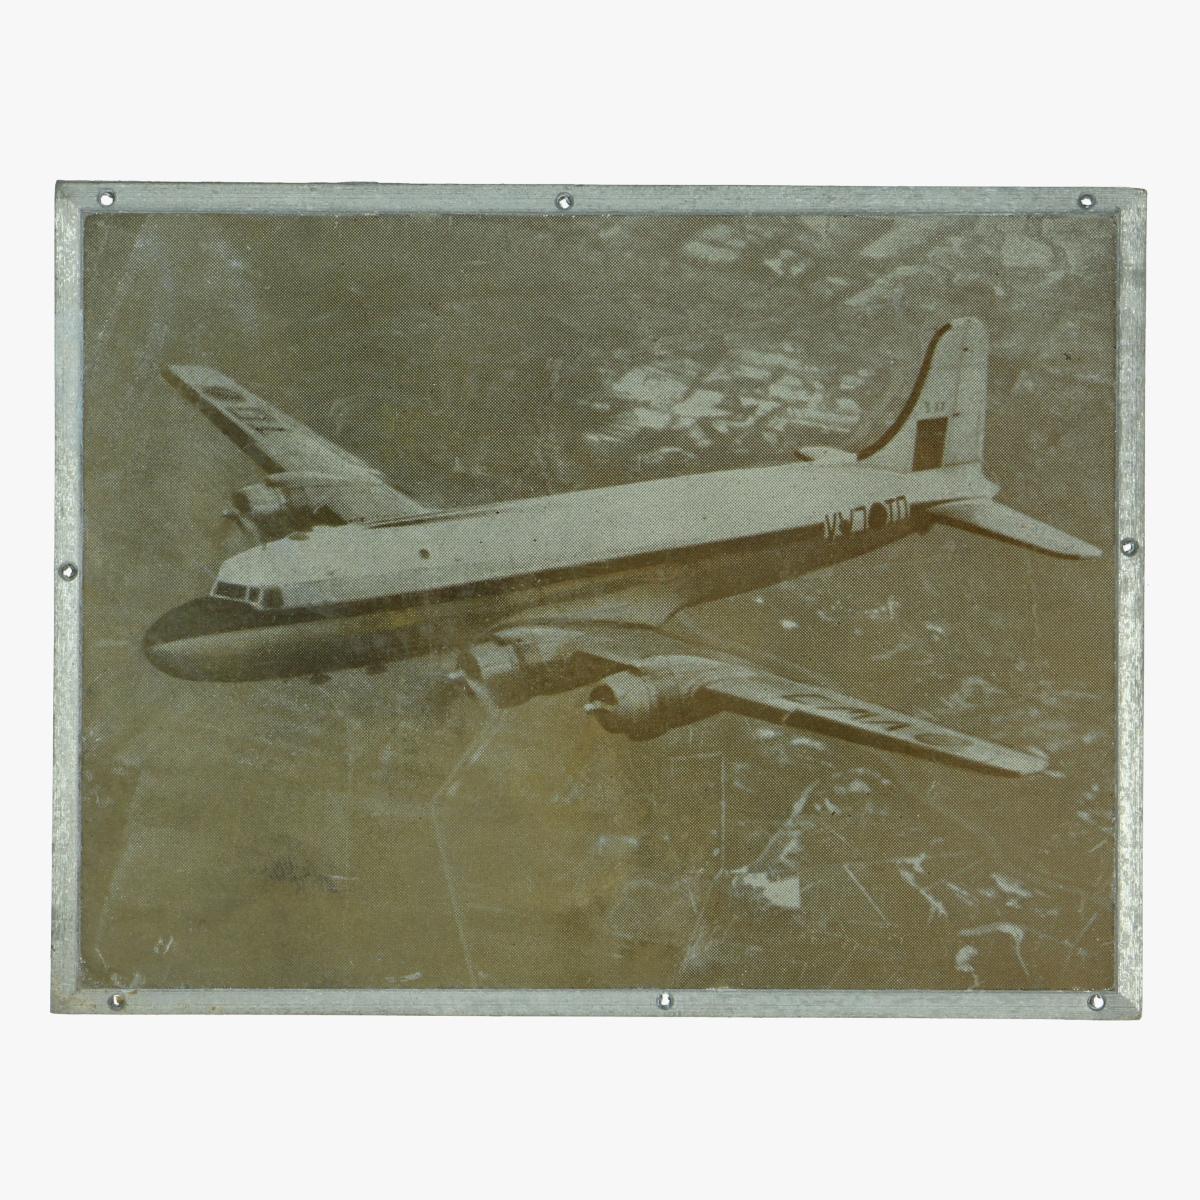 Afbeeldingen van Vliegtuig drukplaat